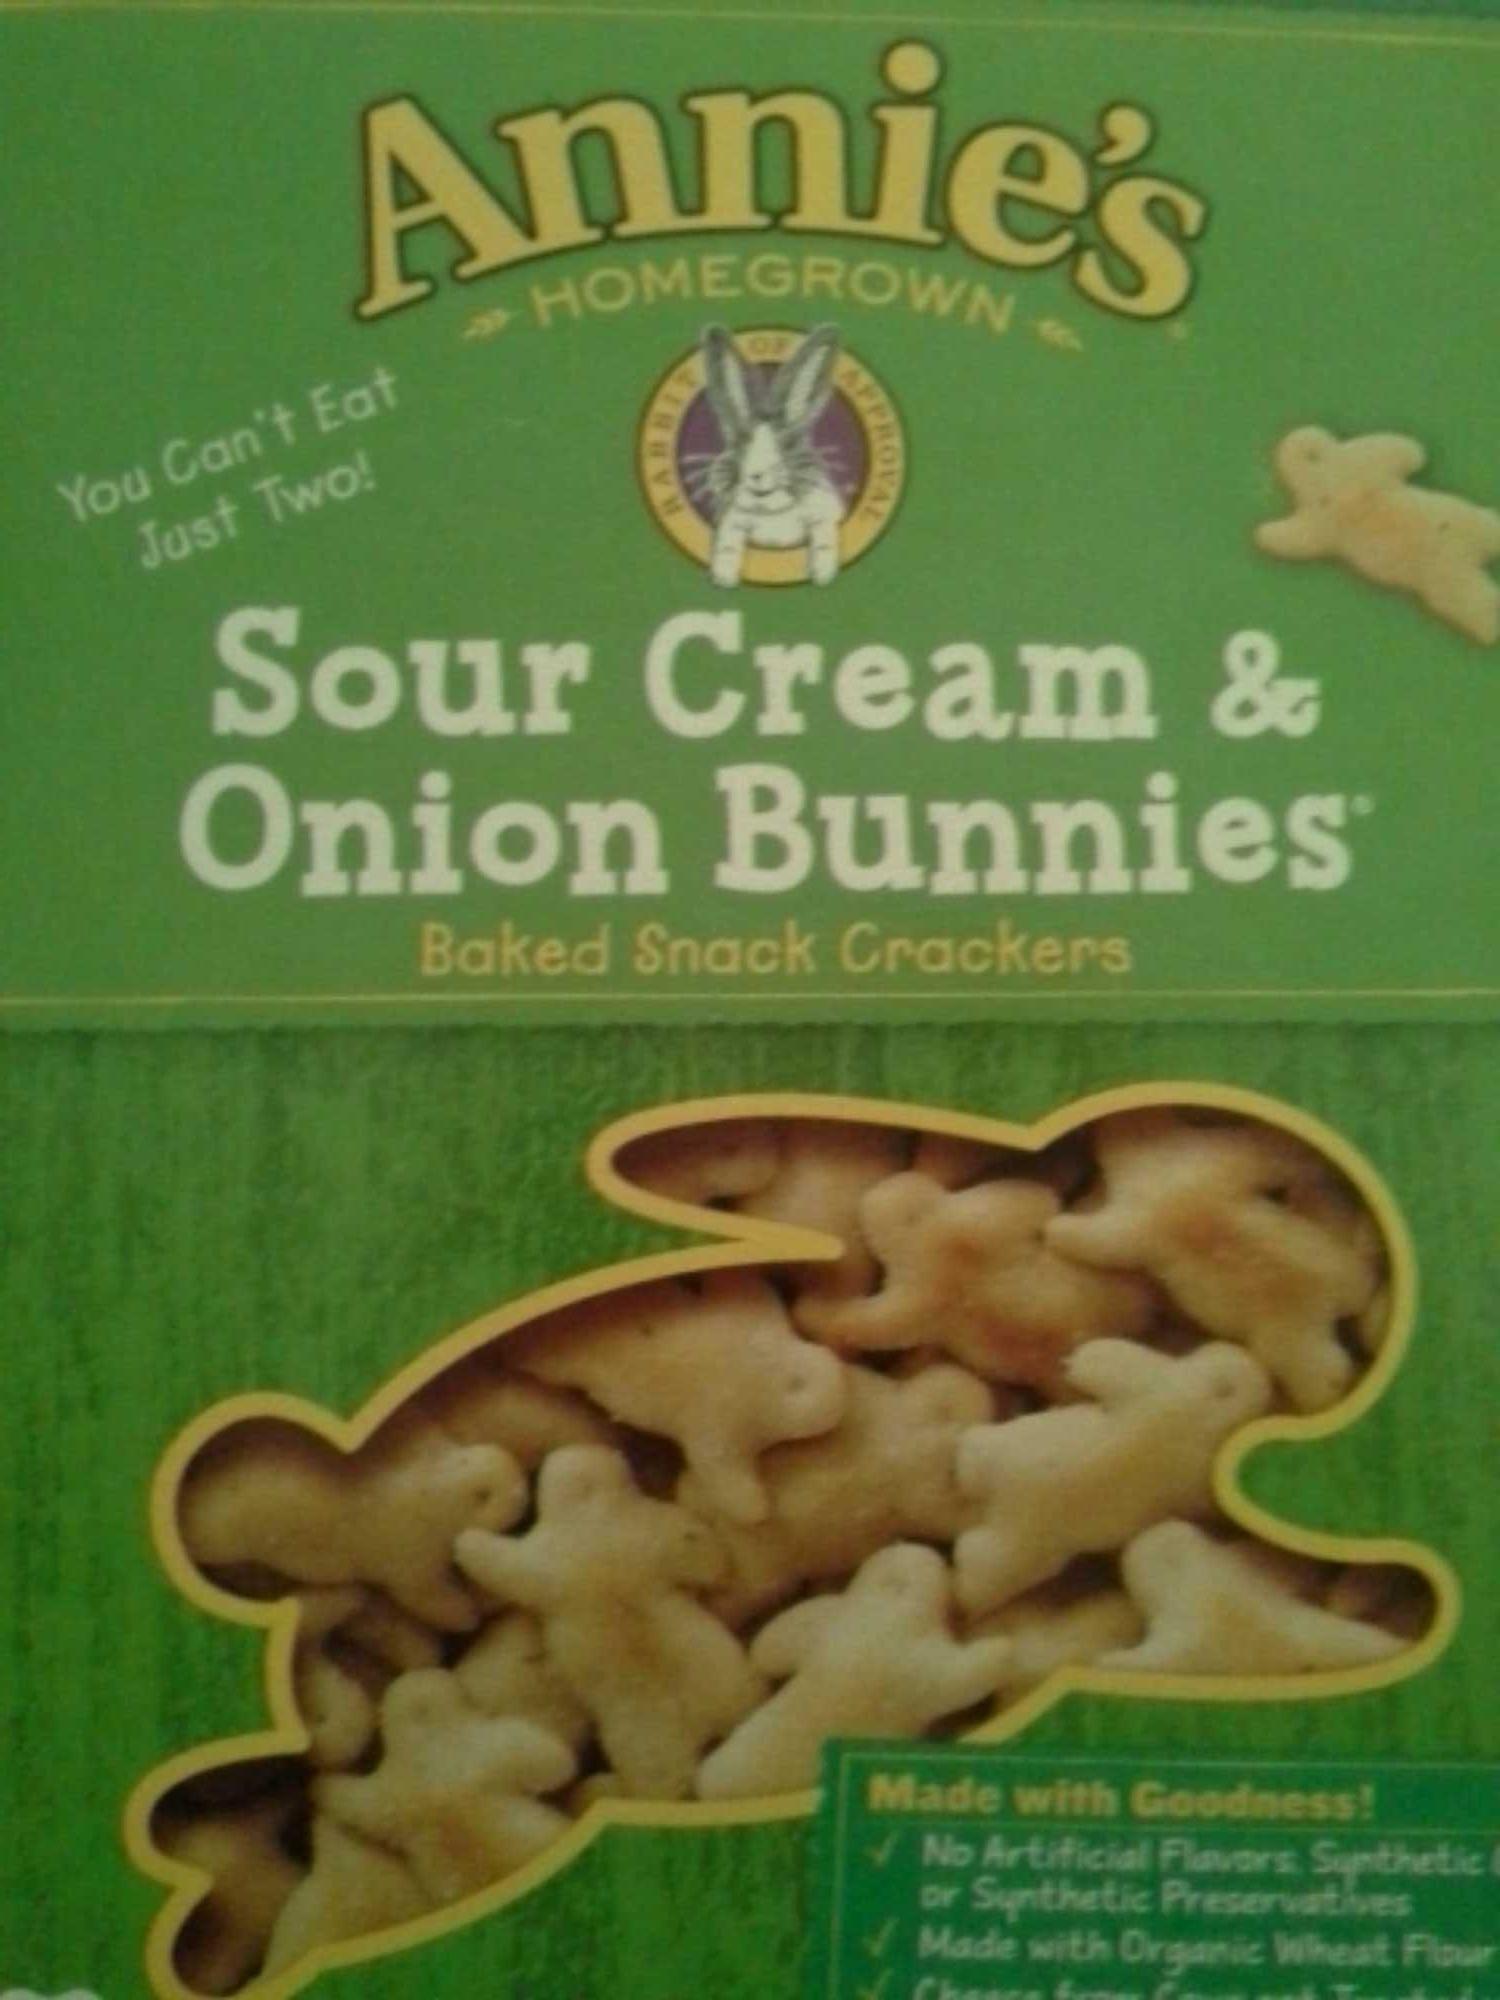 Sour cream & onion bunnies - Product - en